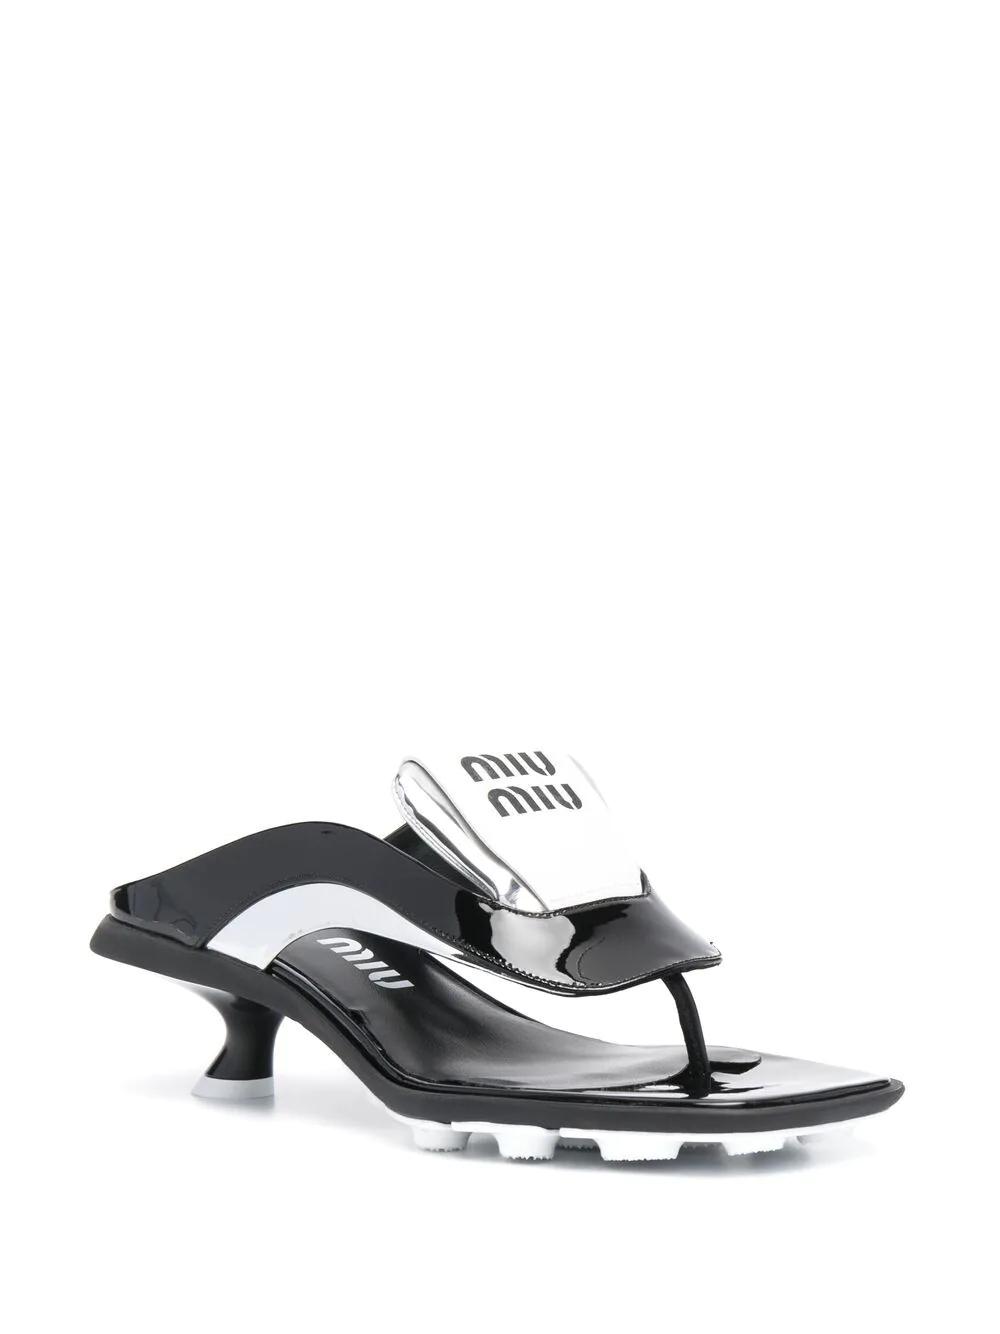 Miu Miu Logo-print Thong Sandals 1270лв